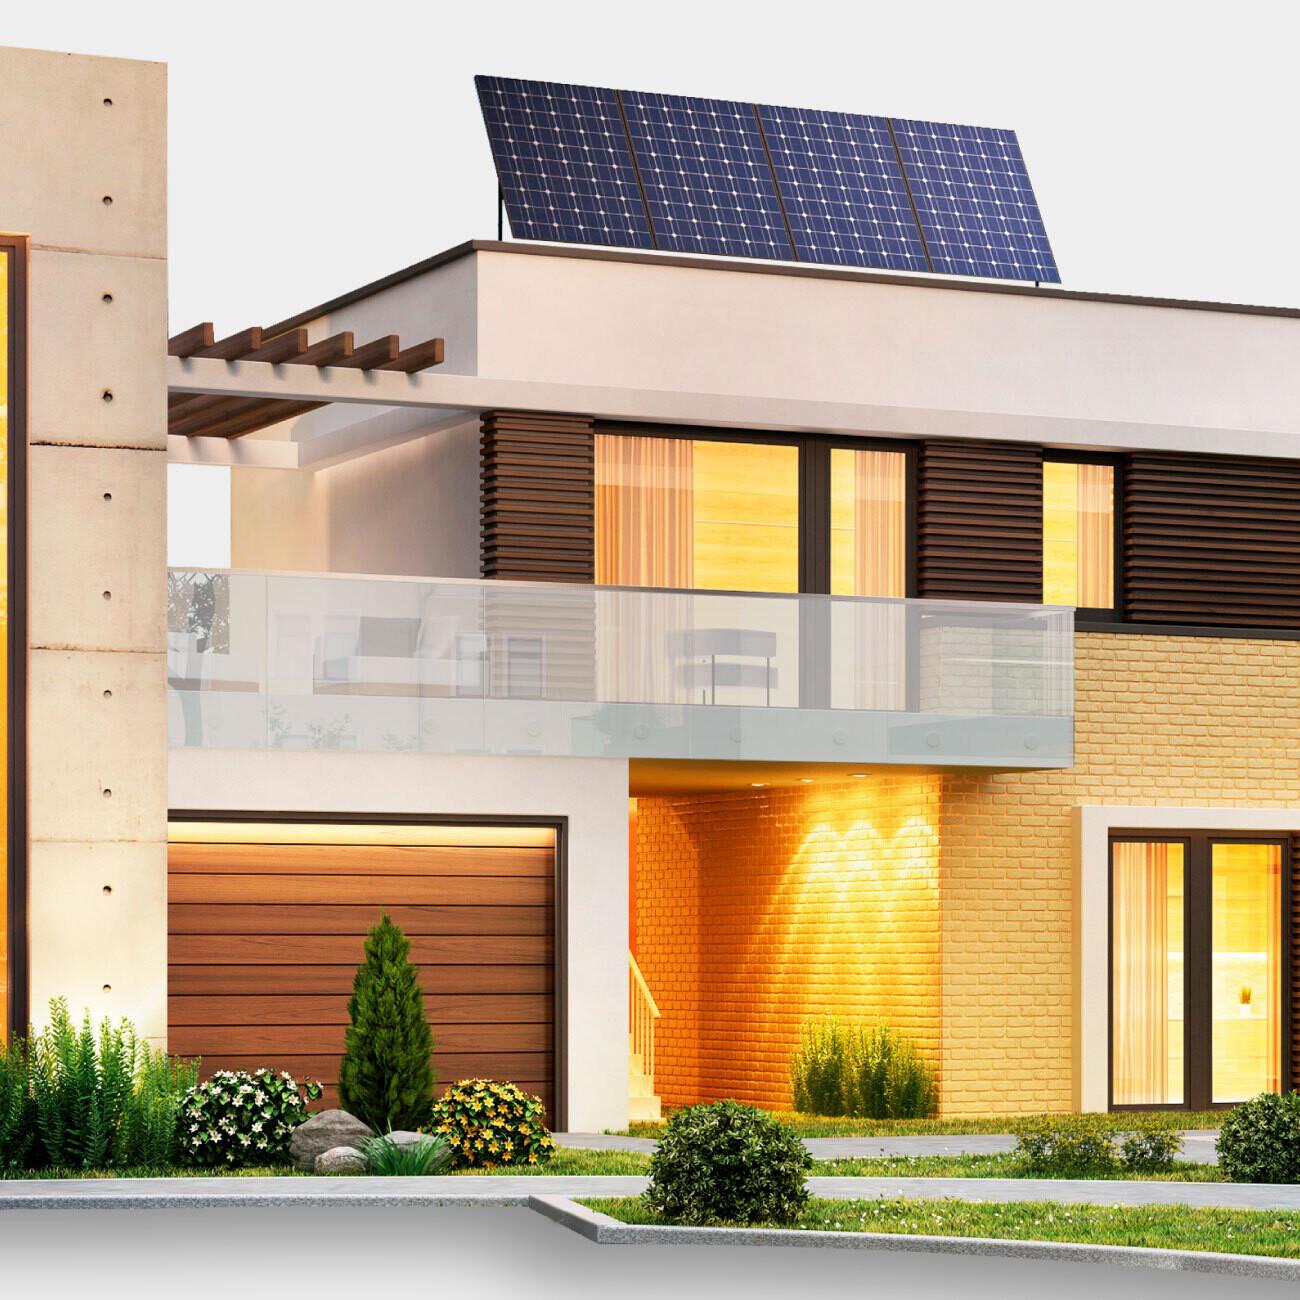 Kit de 4 paneles solares POWEN de 540 W